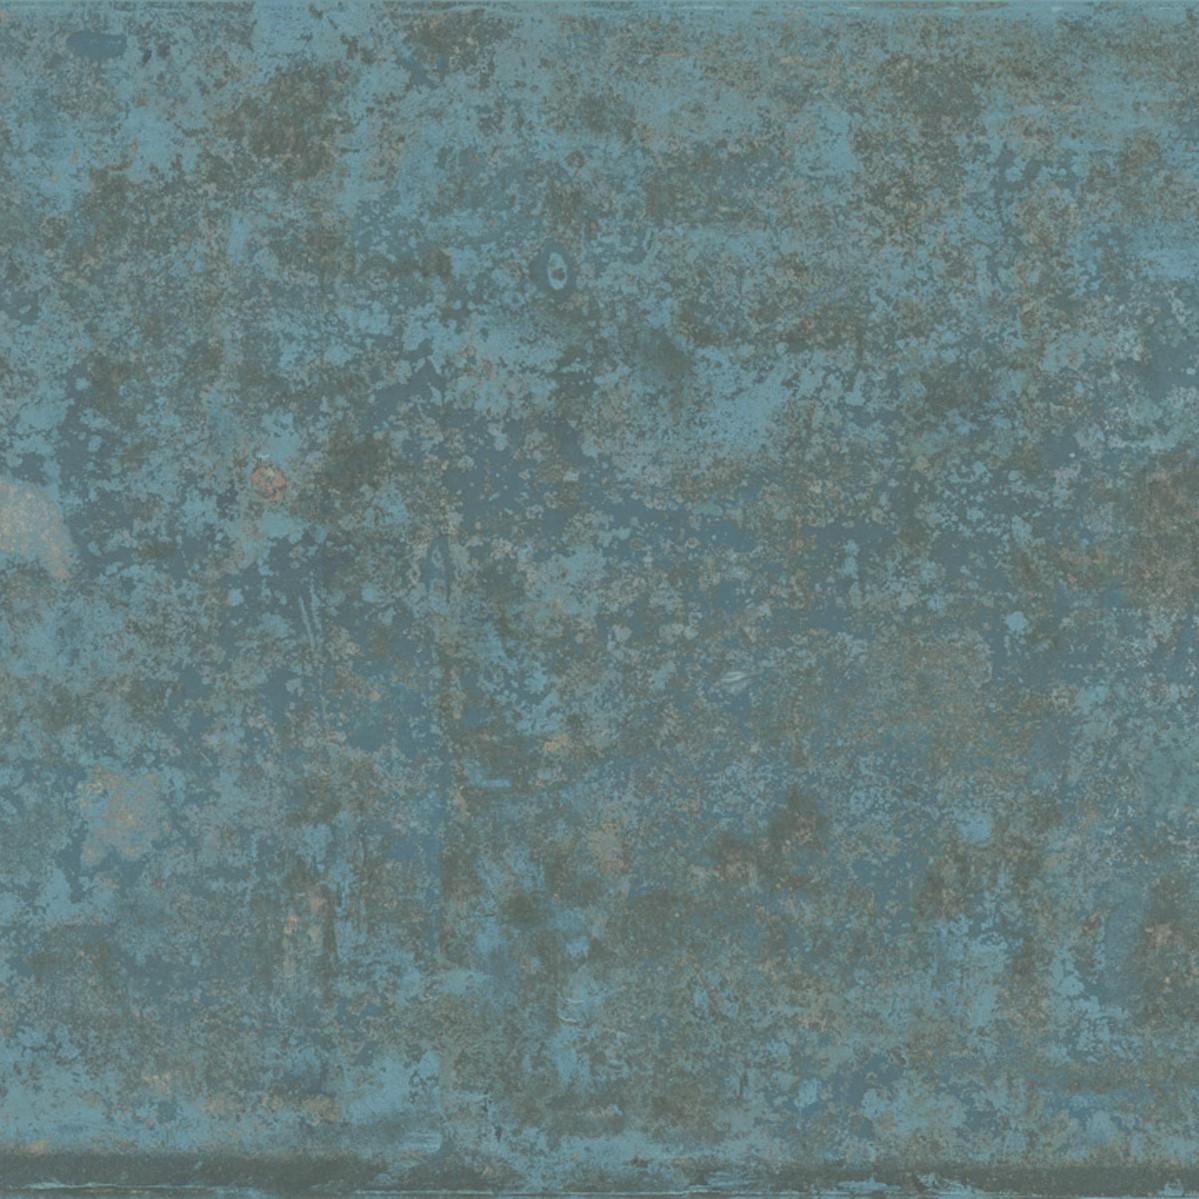 T10144 GRUNGE BLUE